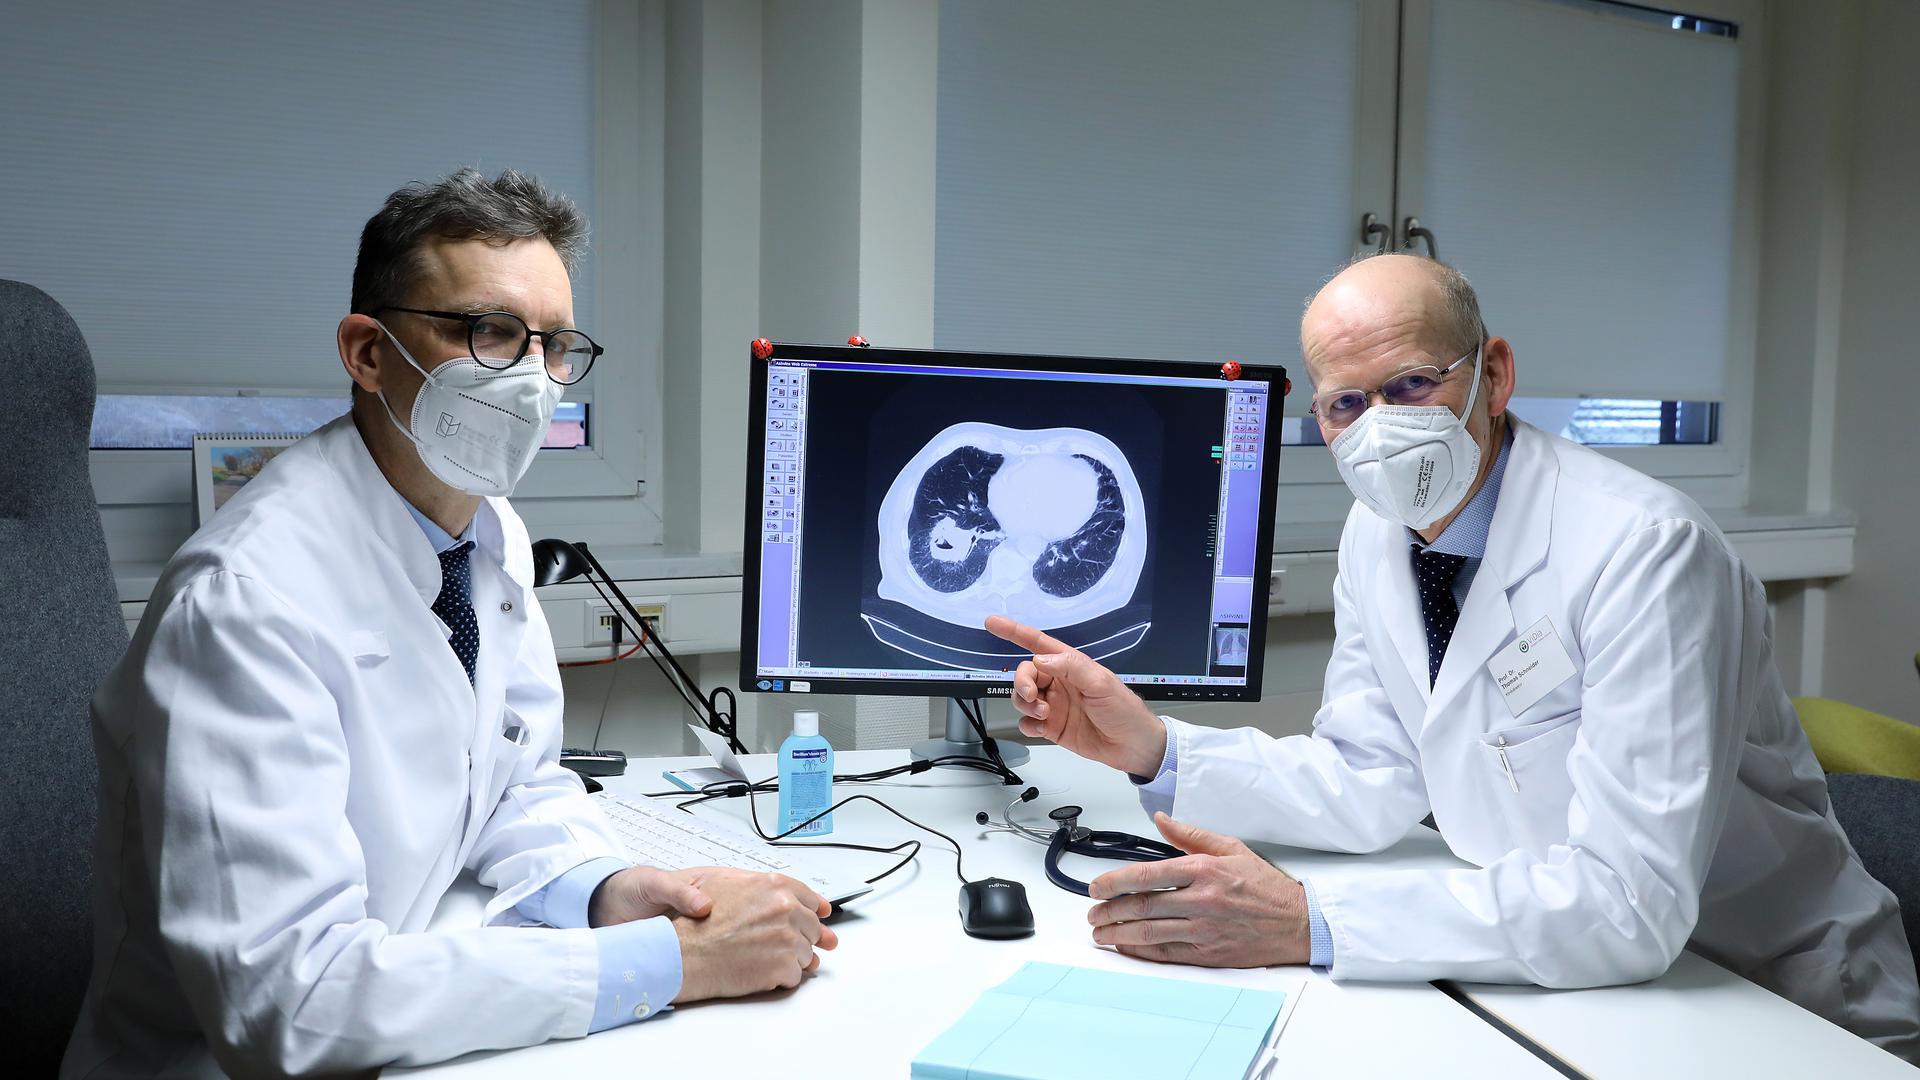 Im Kampf gegen den Tumor: Konstantin Mayer (links) und Thomas Schneider, die ViDia-Chefärzte für Pneumologie und Thoraxchirurgie,  arbeiten im renommierten Lungenzentrum eng zusammen.